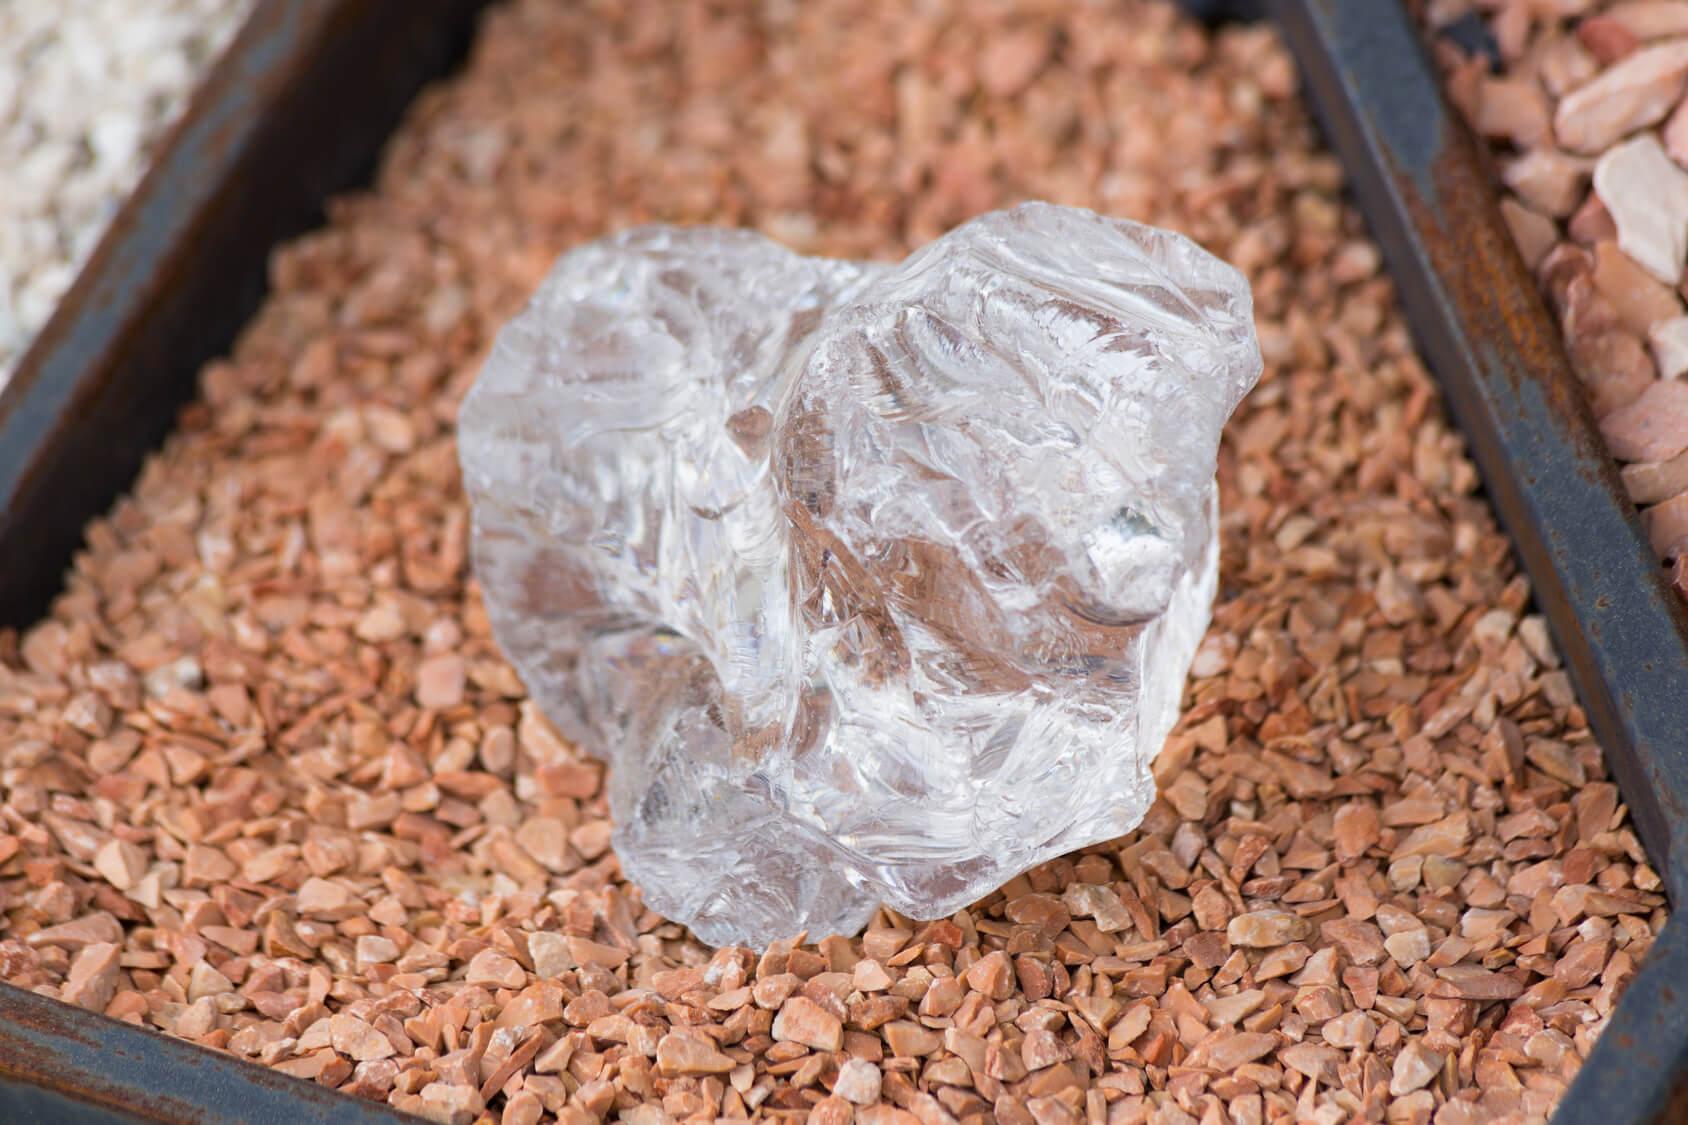 open diamond mining